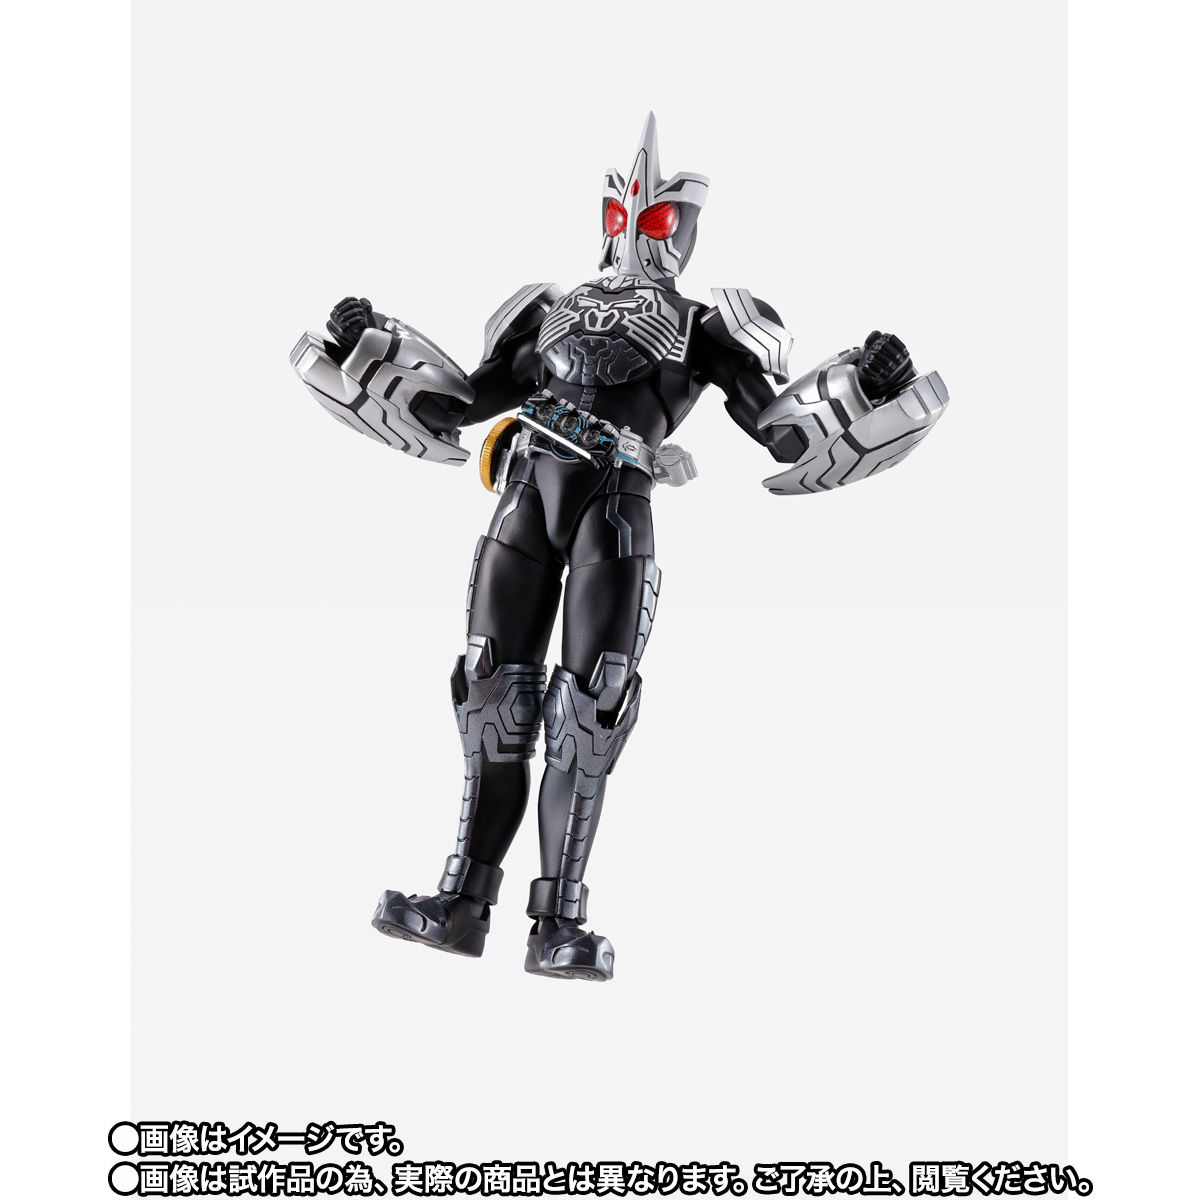 【限定販売】S.H.Figuarts(真骨彫製法)『仮面ライダーオーズ サゴーゾ コンボ』可動フィギュア-006